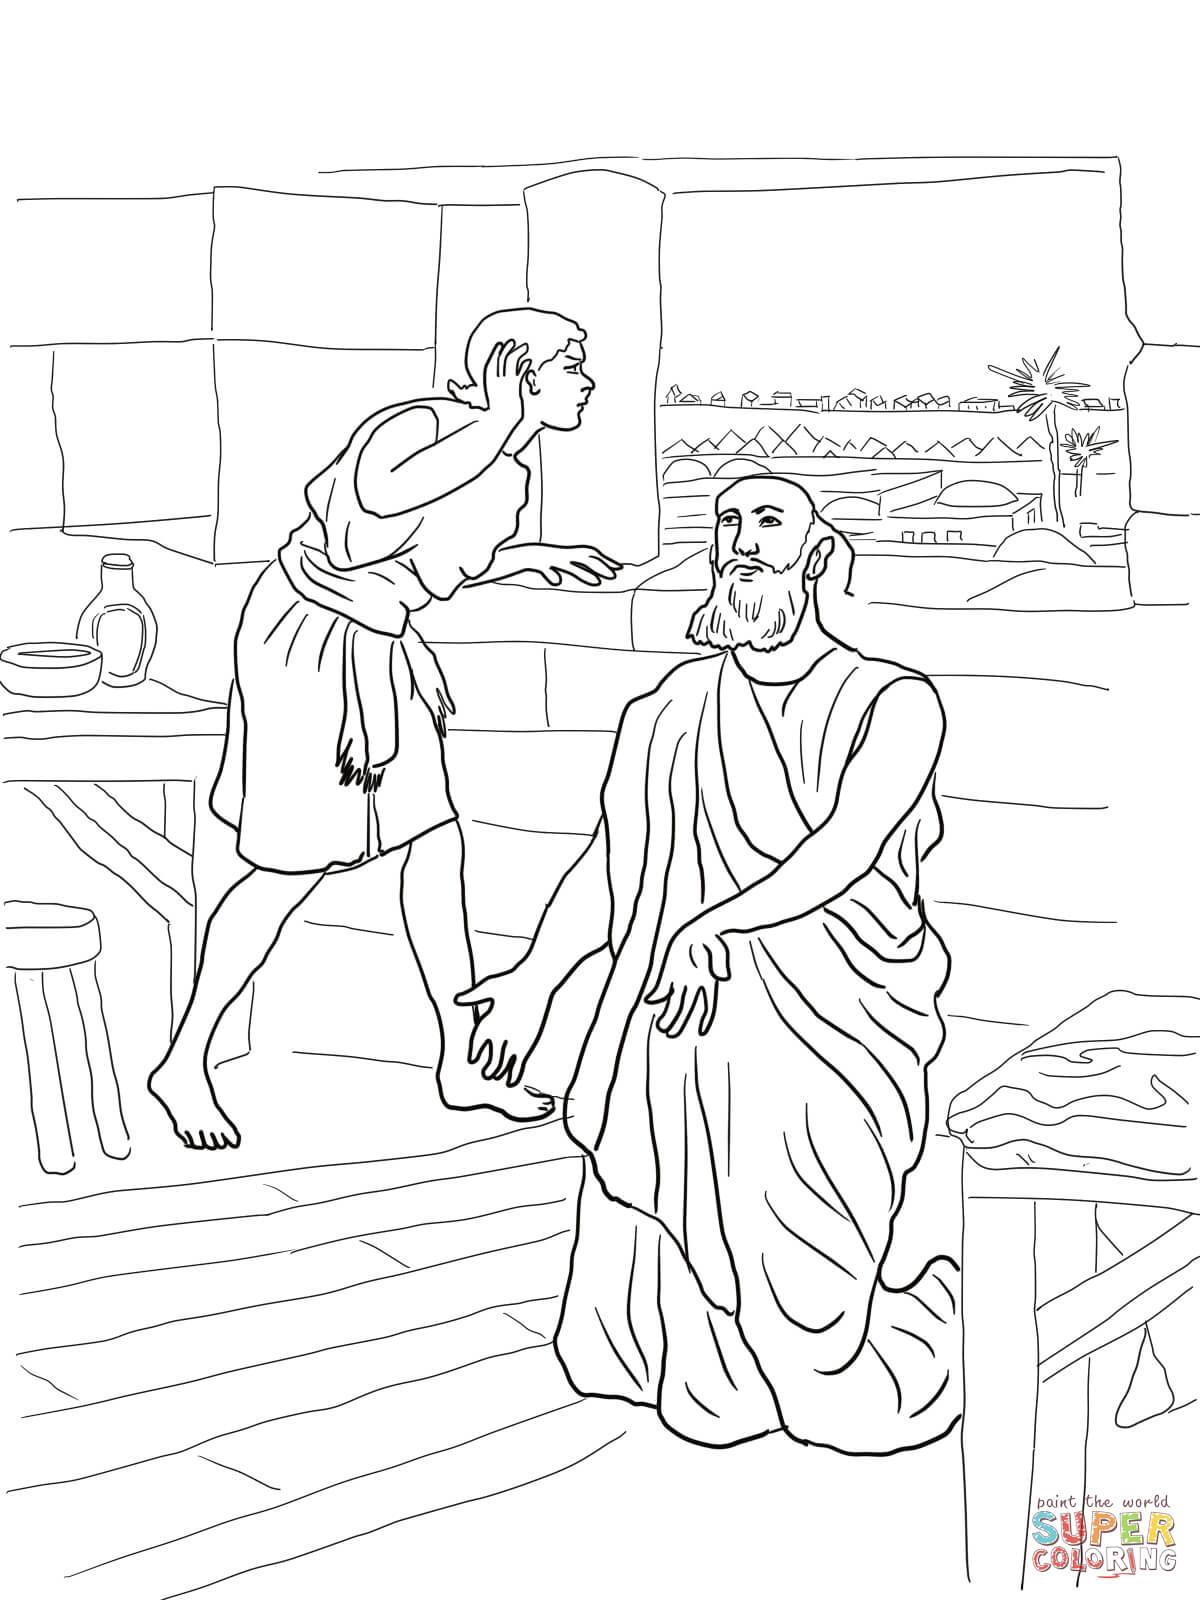 Prophet Elisha coloring pages.